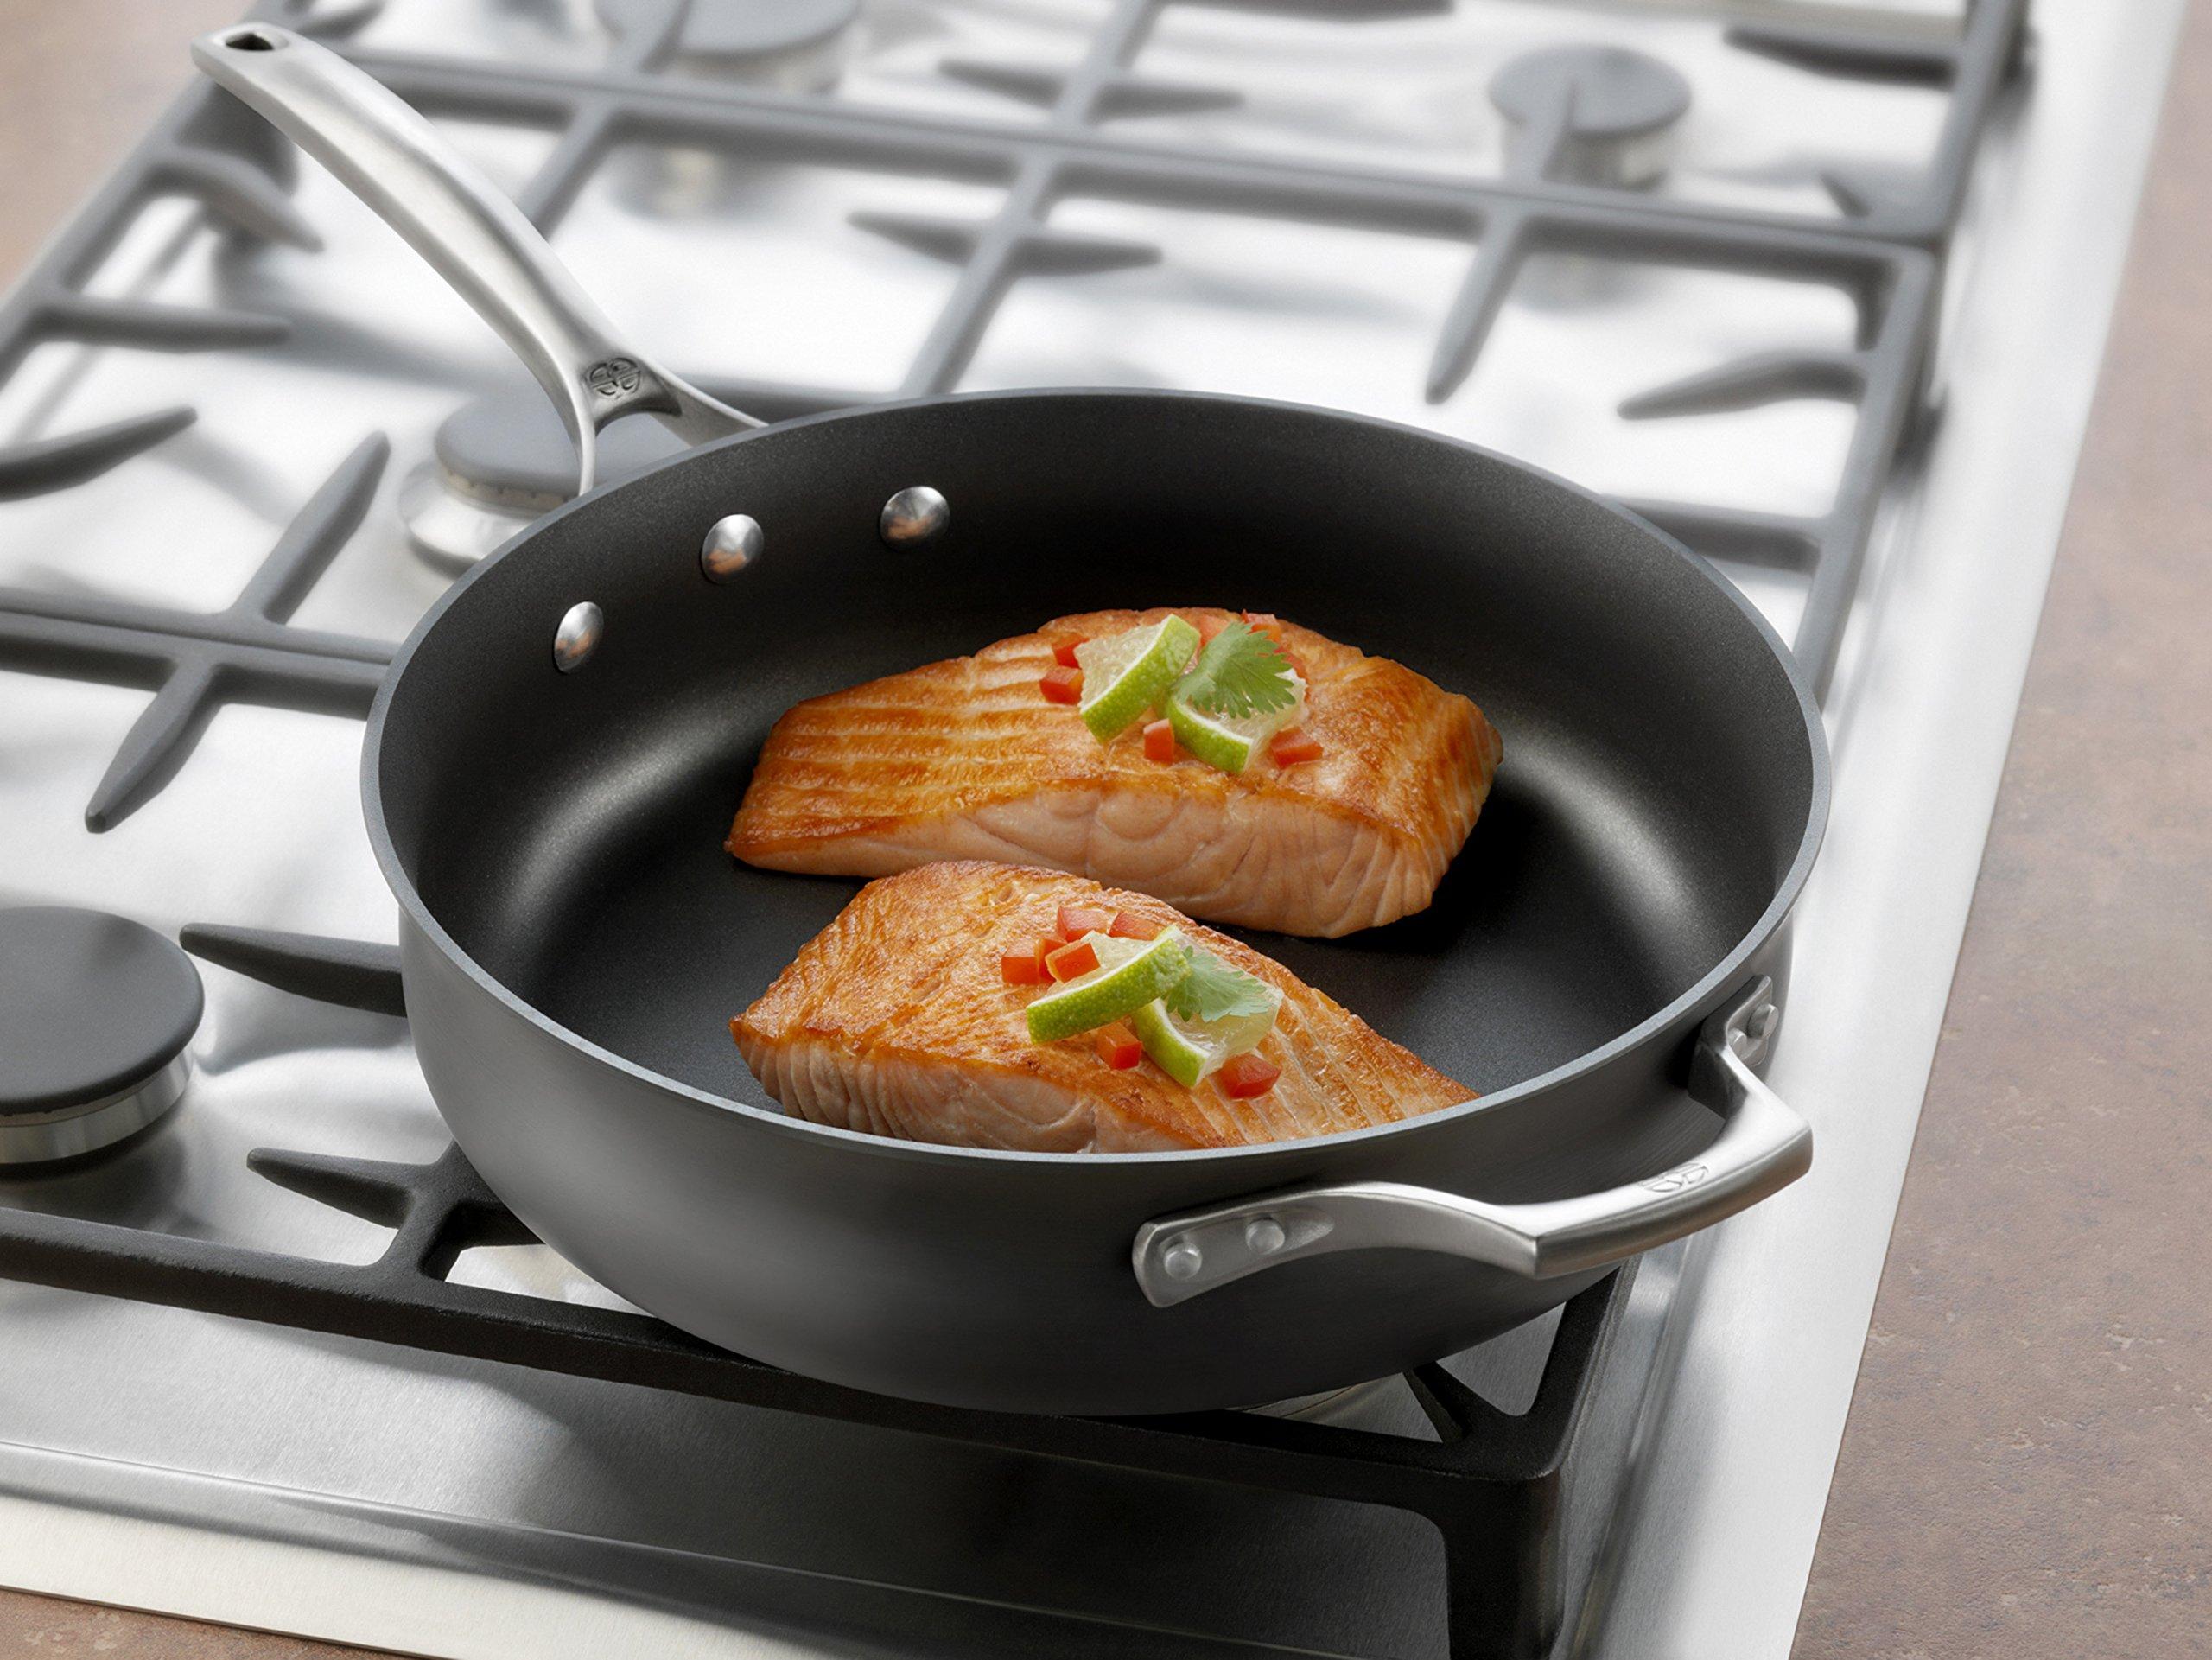 Calphalon Unison Nonstick 3 Qt. Saute Pan with Cover by Calphalon (Image #3)